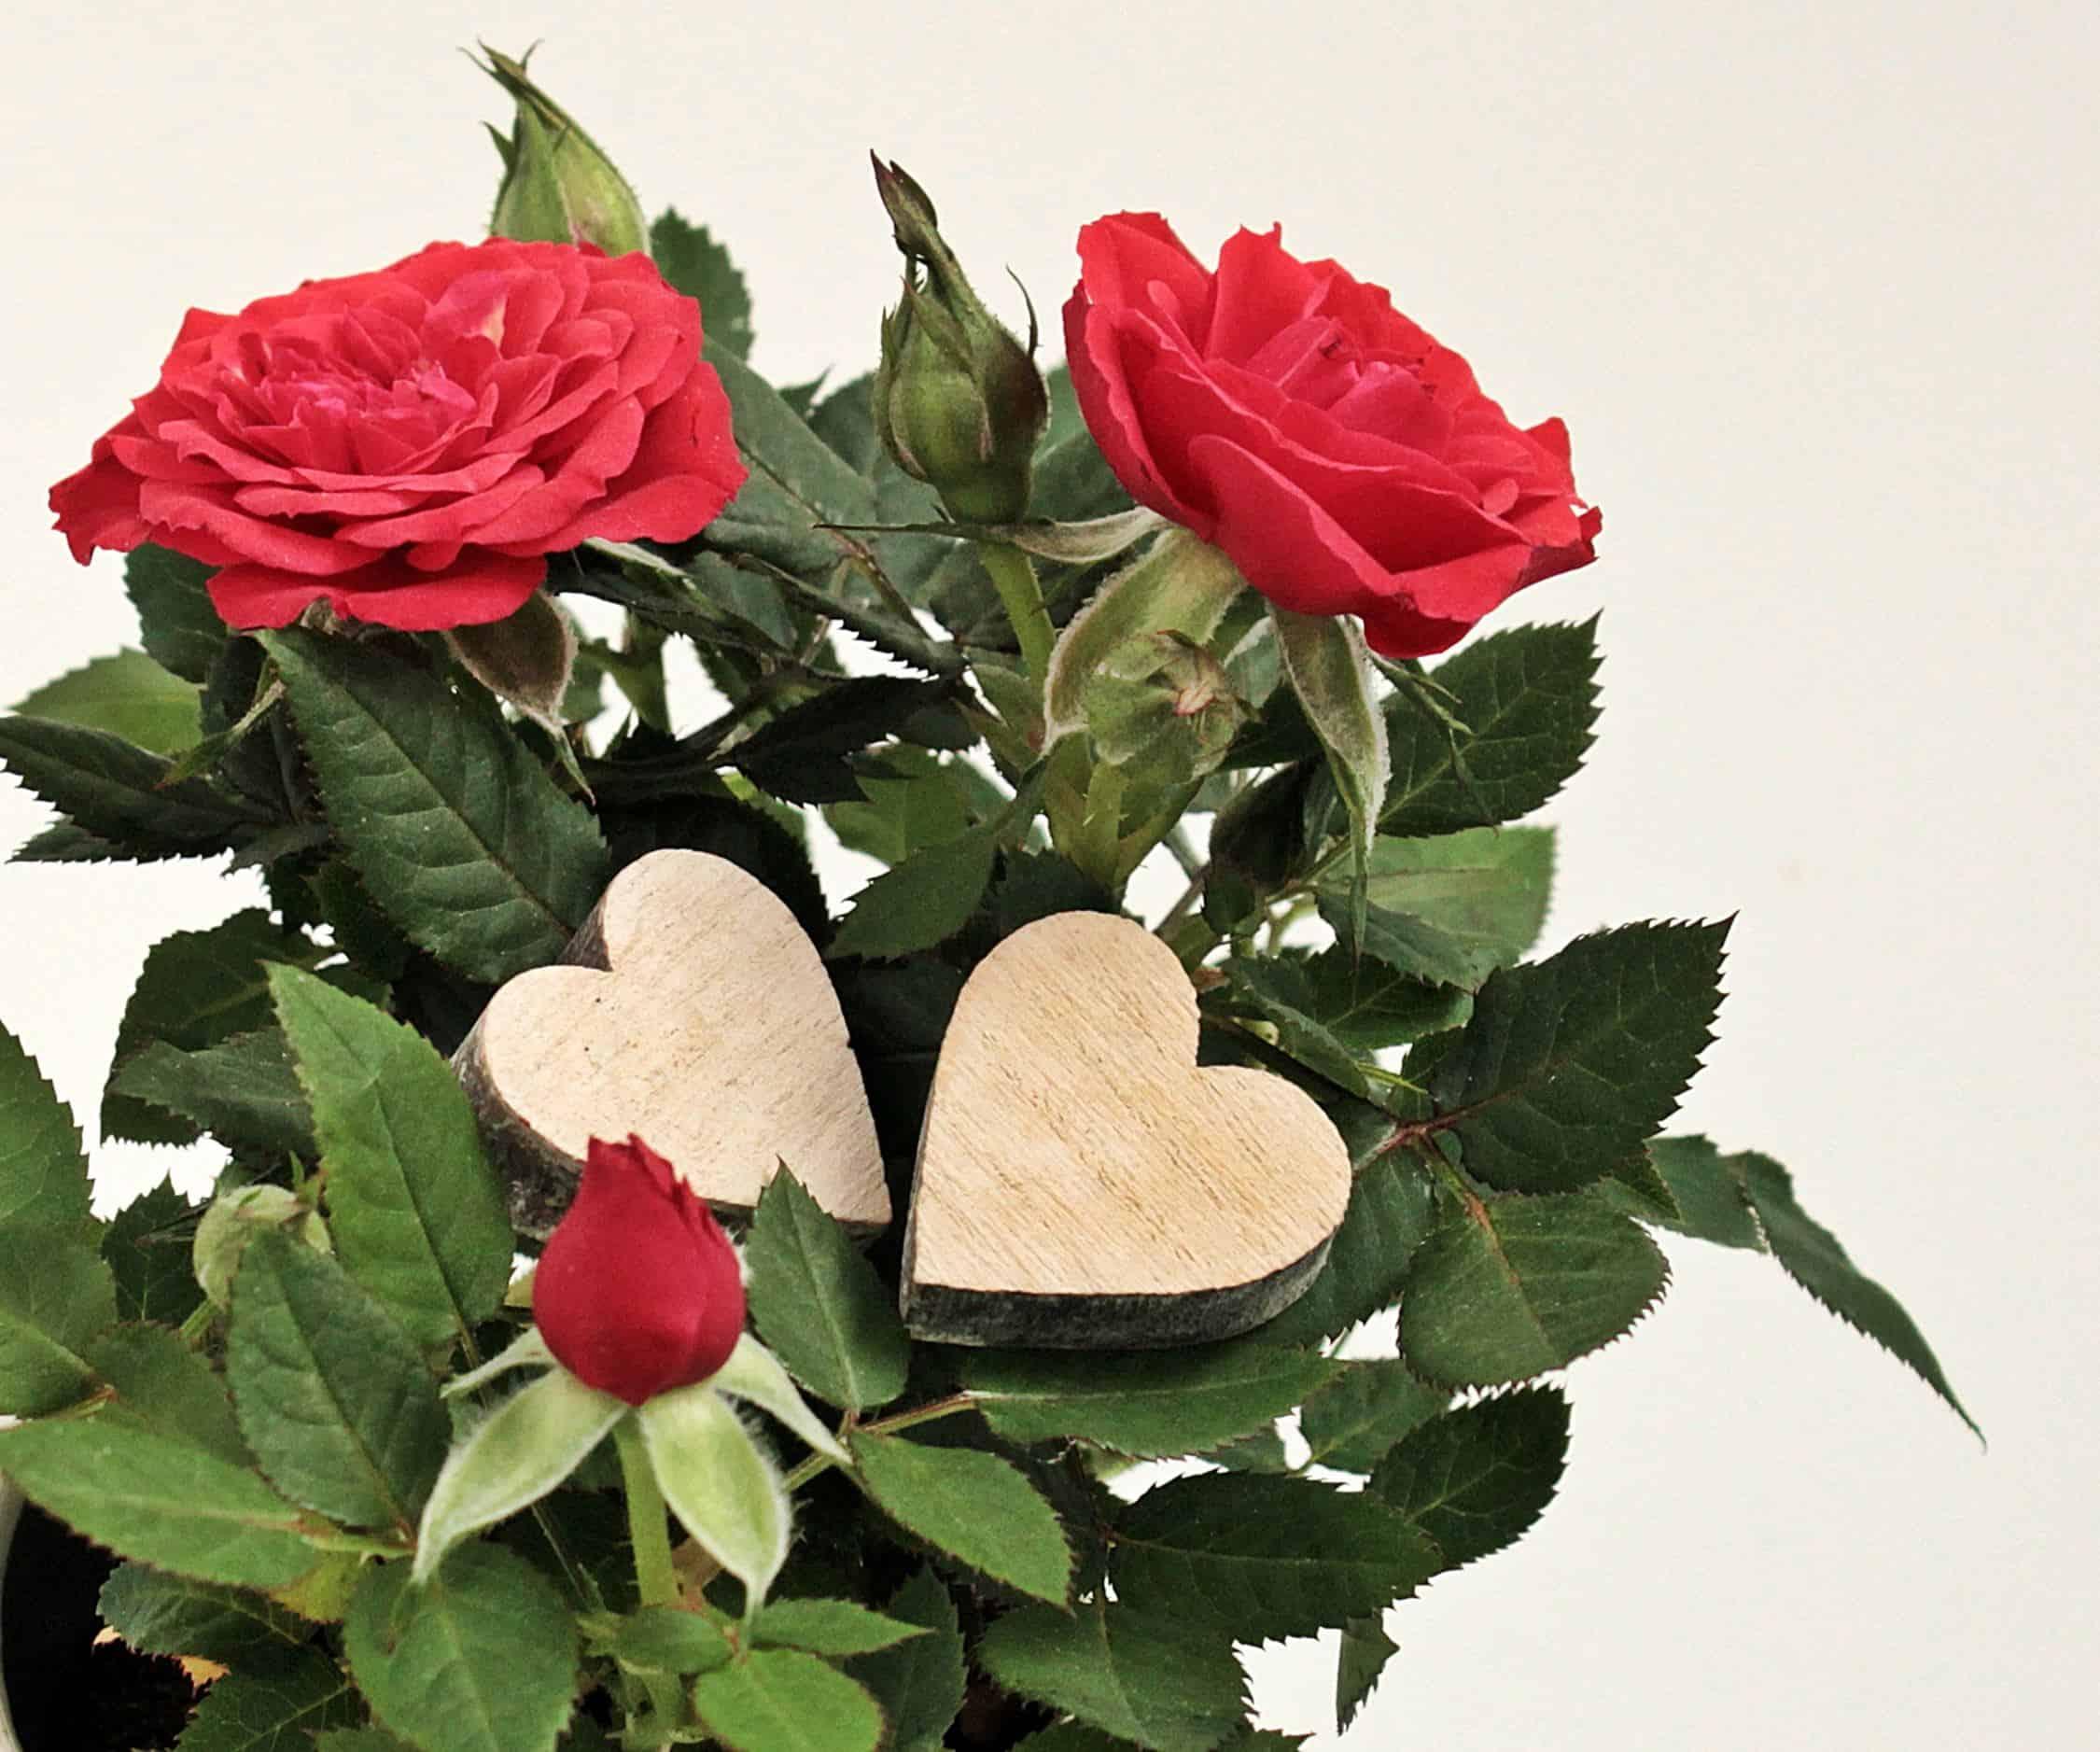 Image Libre Feuille Petale Fleur Nature Coeur Amour Plante